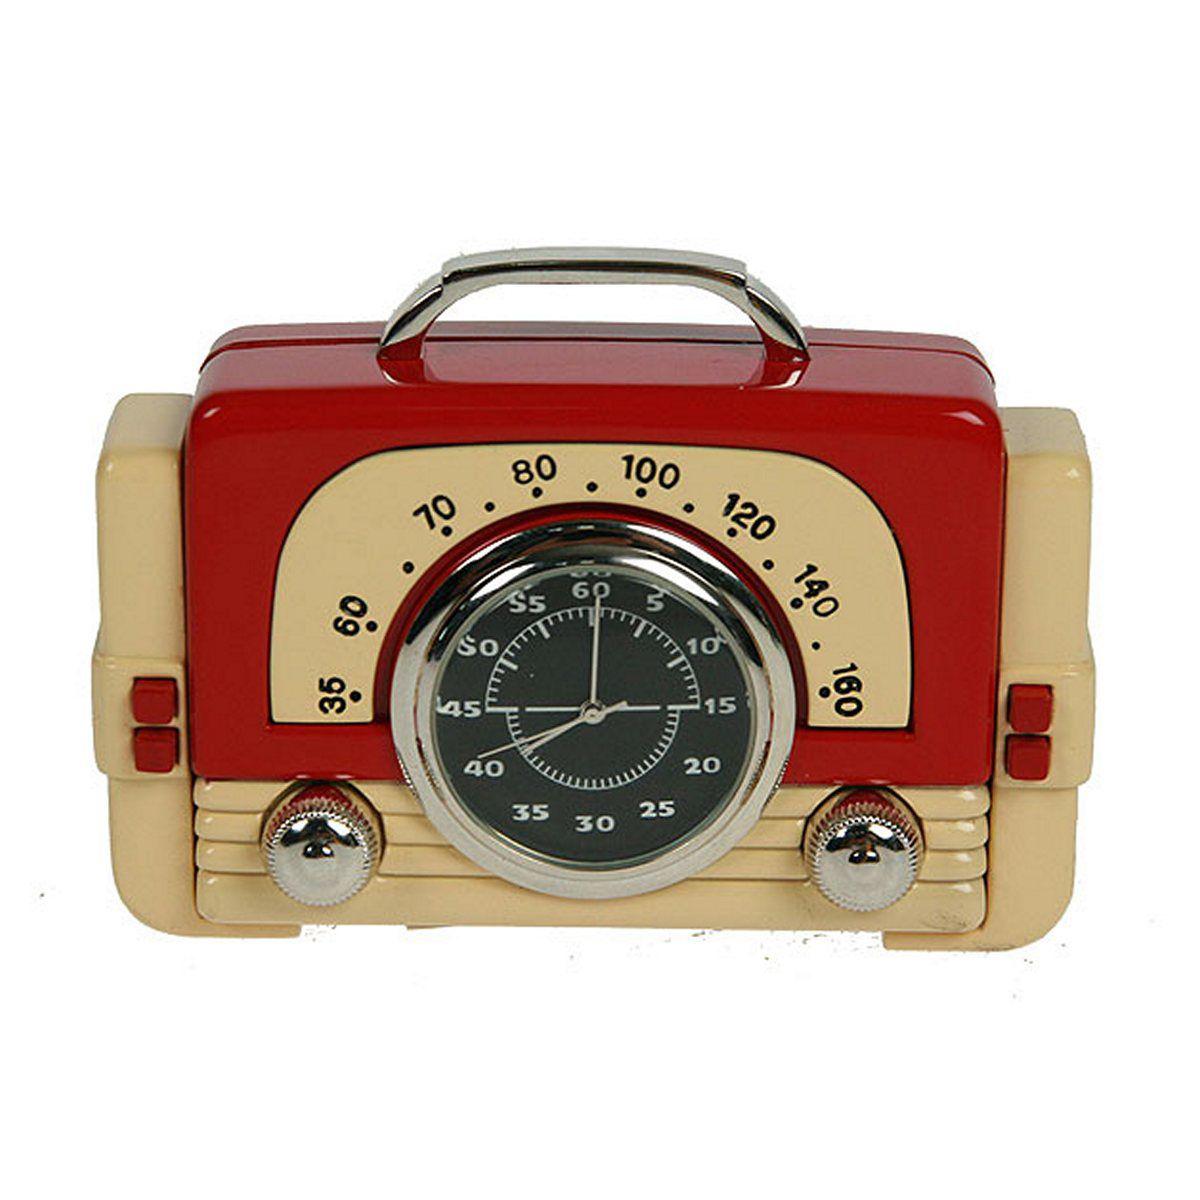 Часы настольные Русские Подарки Ретро радио, 8 х 2 х 5 см. 2241294672Настольные кварцевые часы Русские Подарки Ретро радио изготовлены из металла. Изделие оригинально оформлено в виде небольшого радиоприемника. Часы имеют три стрелки - часовую, минутную и секундную.Такие часы украсят интерьер дома или рабочий стол в офисе. Также часы могут стать уникальным, полезным подарком для родственников, коллег, знакомых и близких.Часы работают от батареек типа SR626 (в комплект не входят).